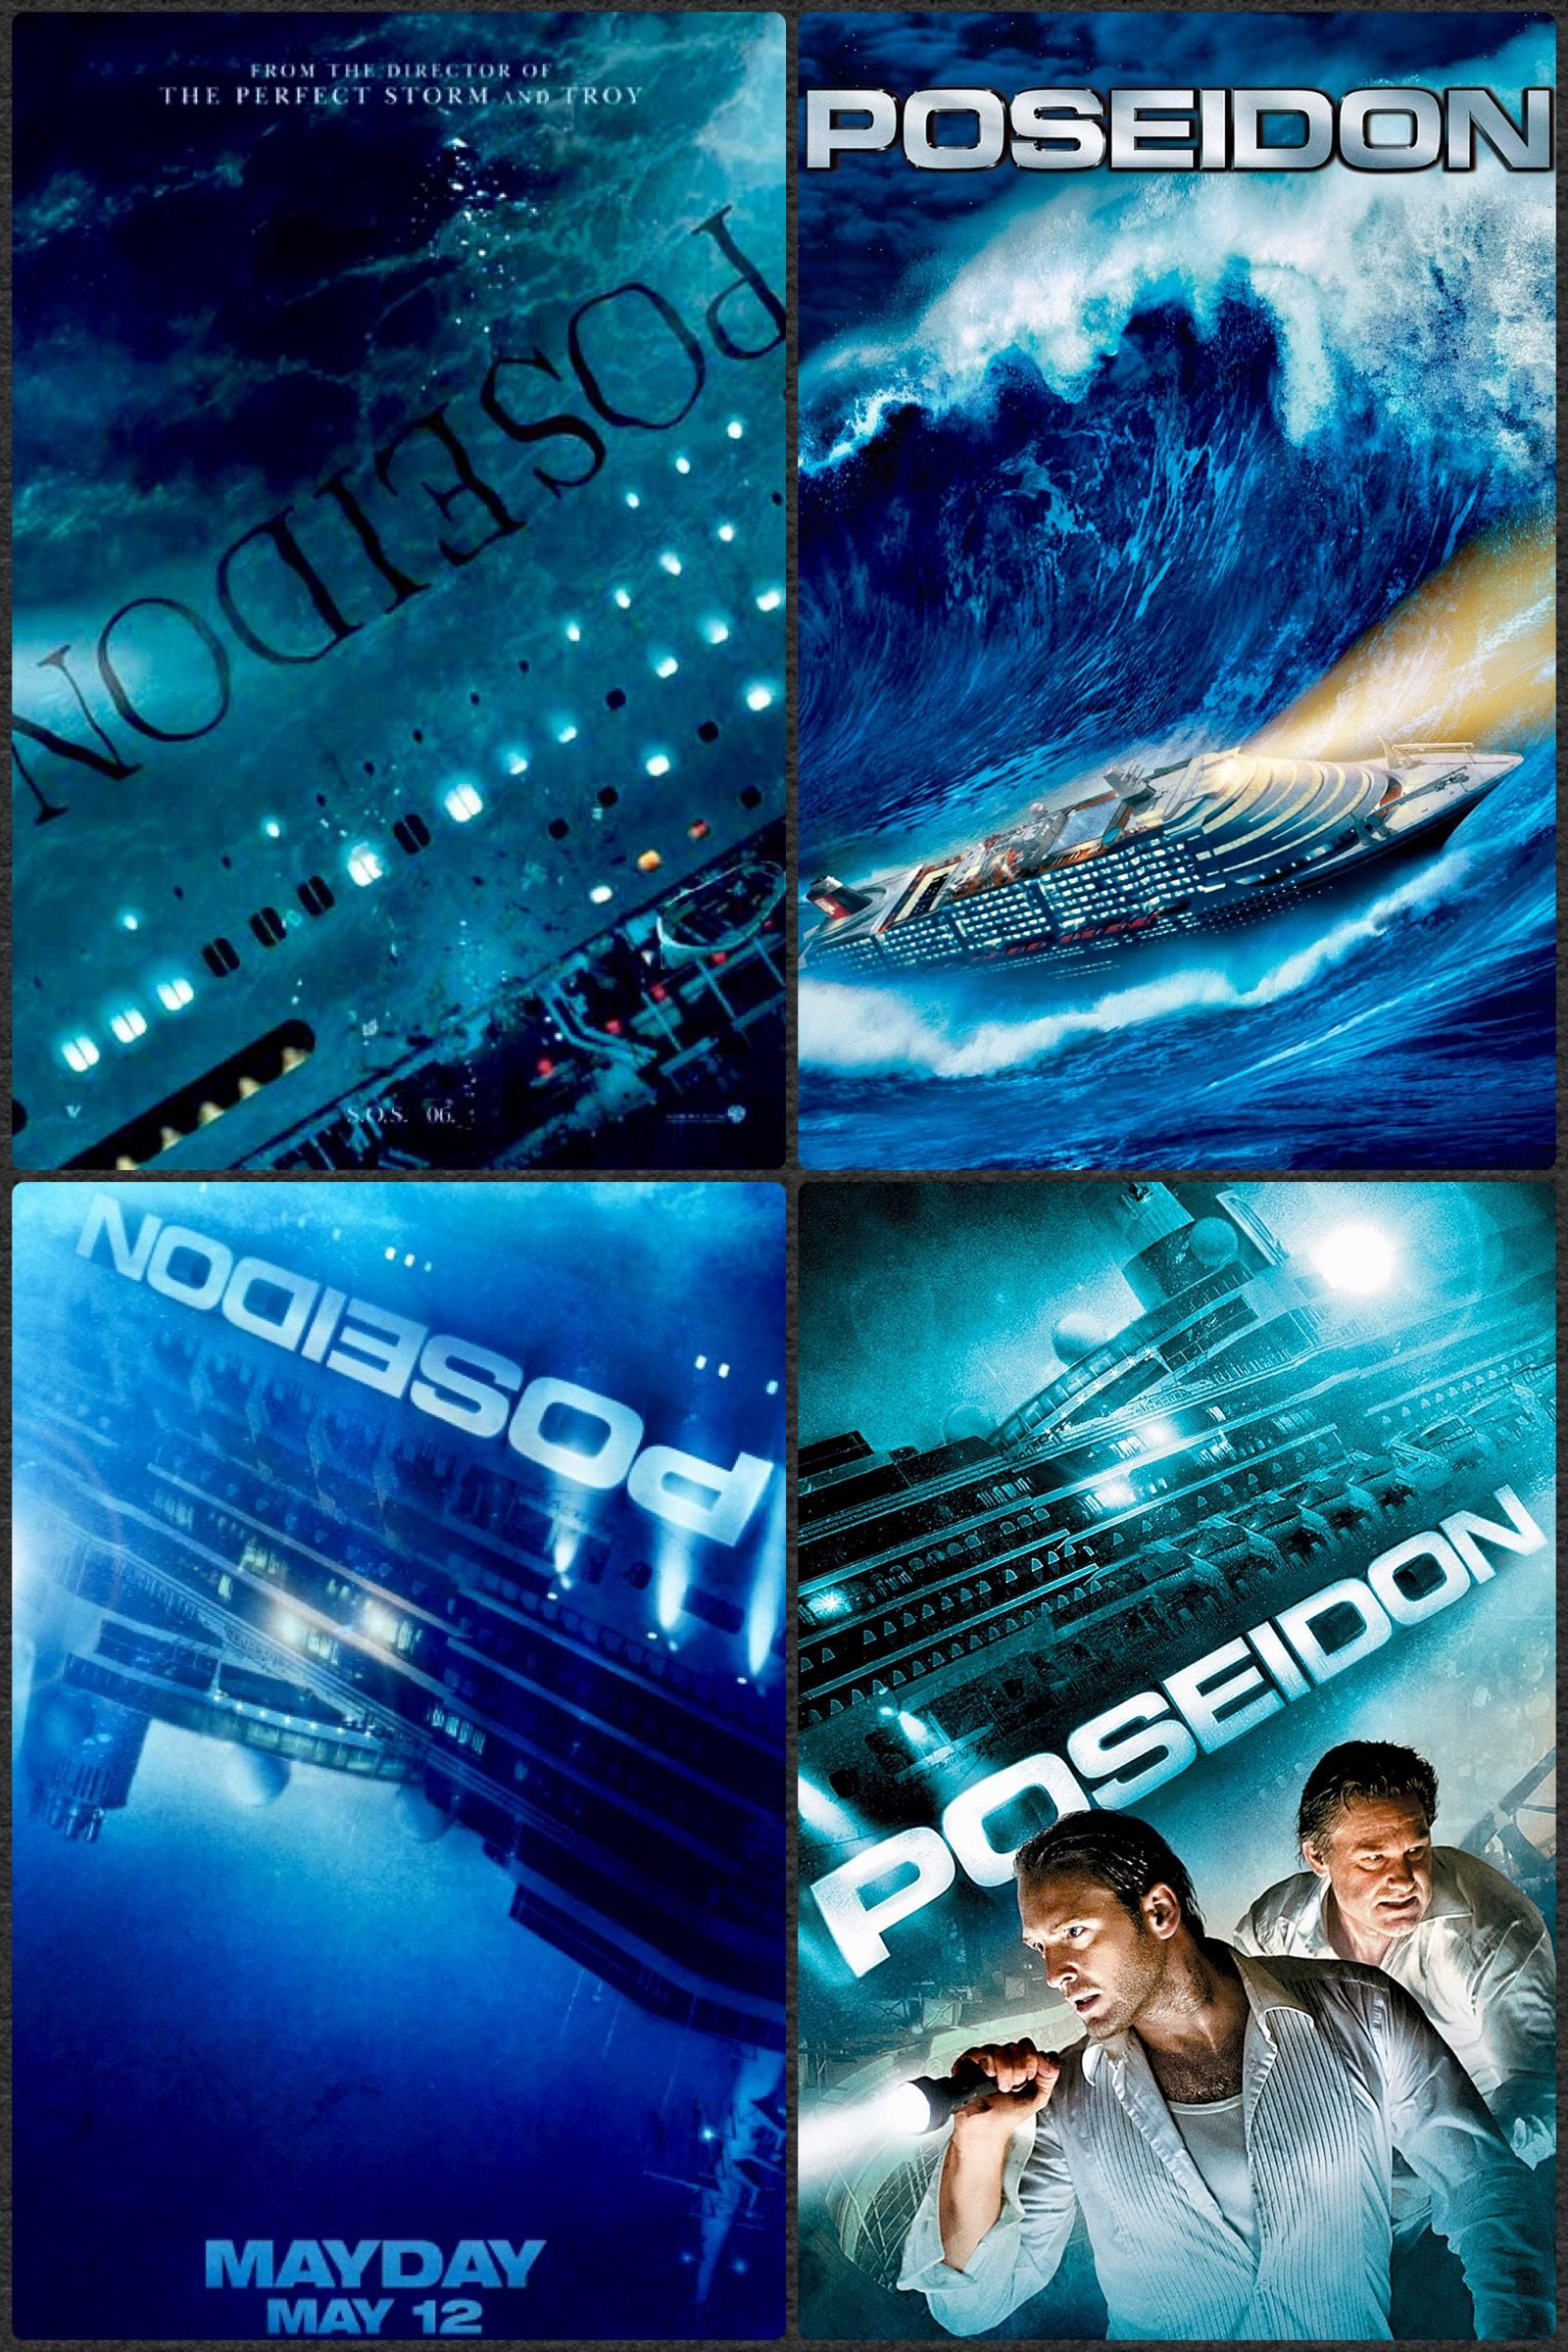 Poseidon Disaster Movie The Poseidon Adventure Movies